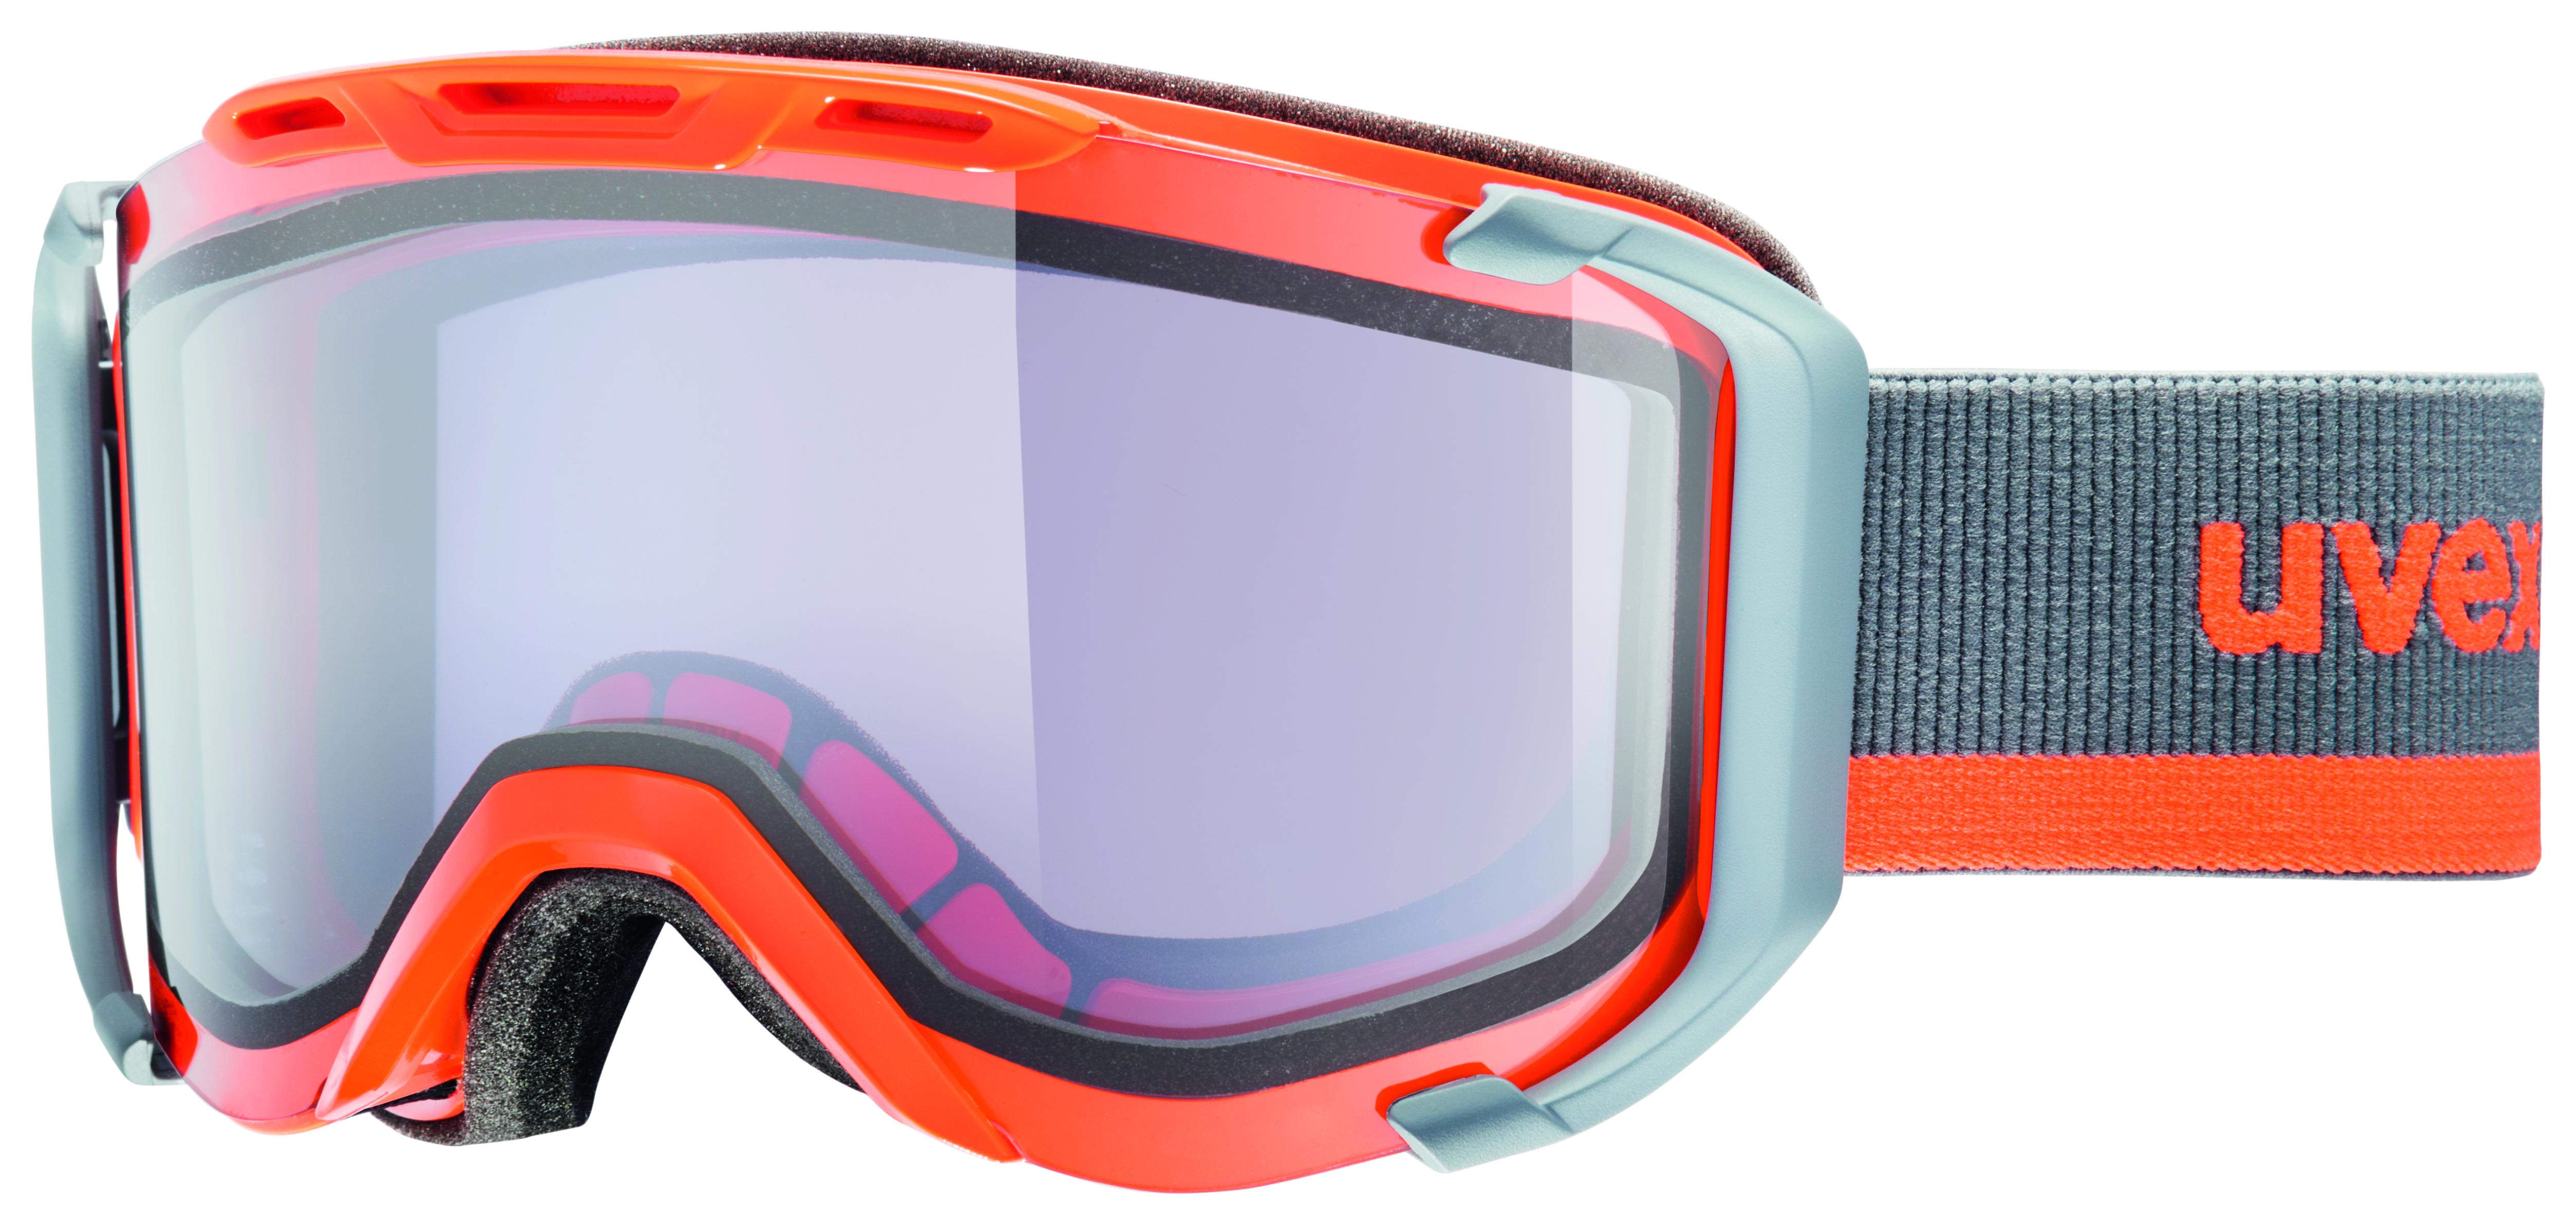 Lunettes Testées Espaces Ski 9 Piste De Sur dqZZwStUC a0b1f6c20ddb